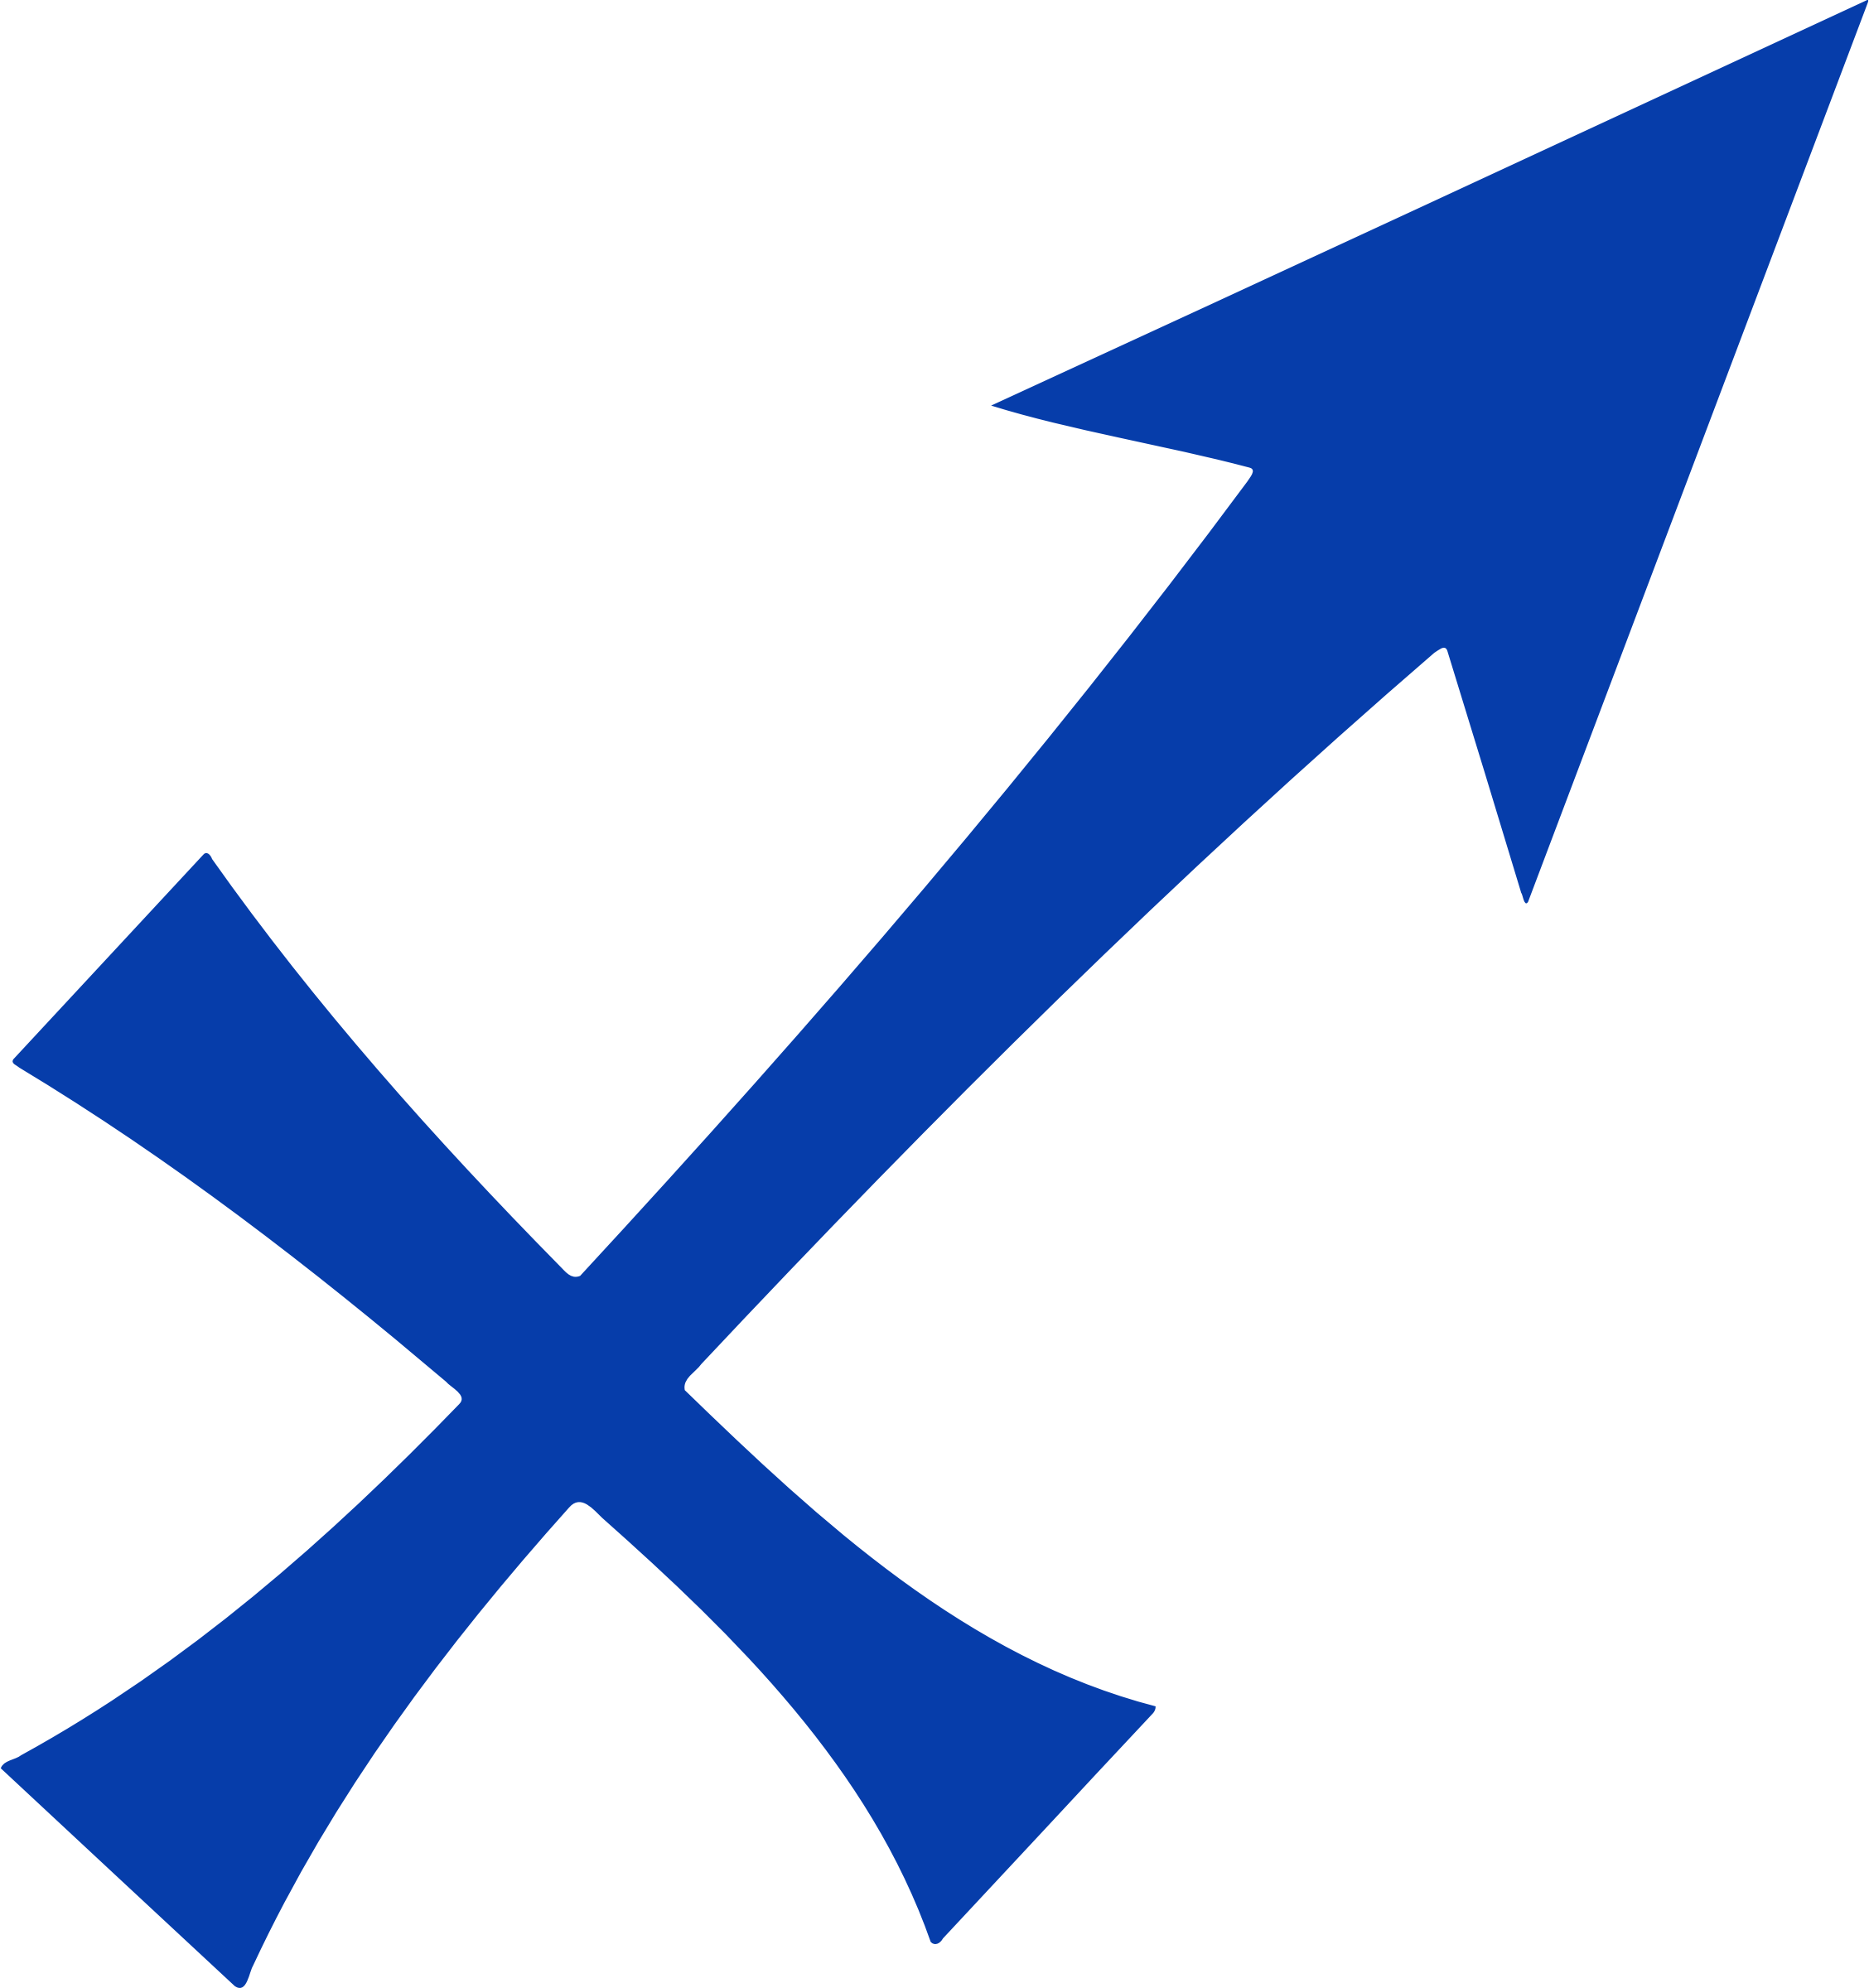 sagittarius sign symbol wwwpixsharkcom images